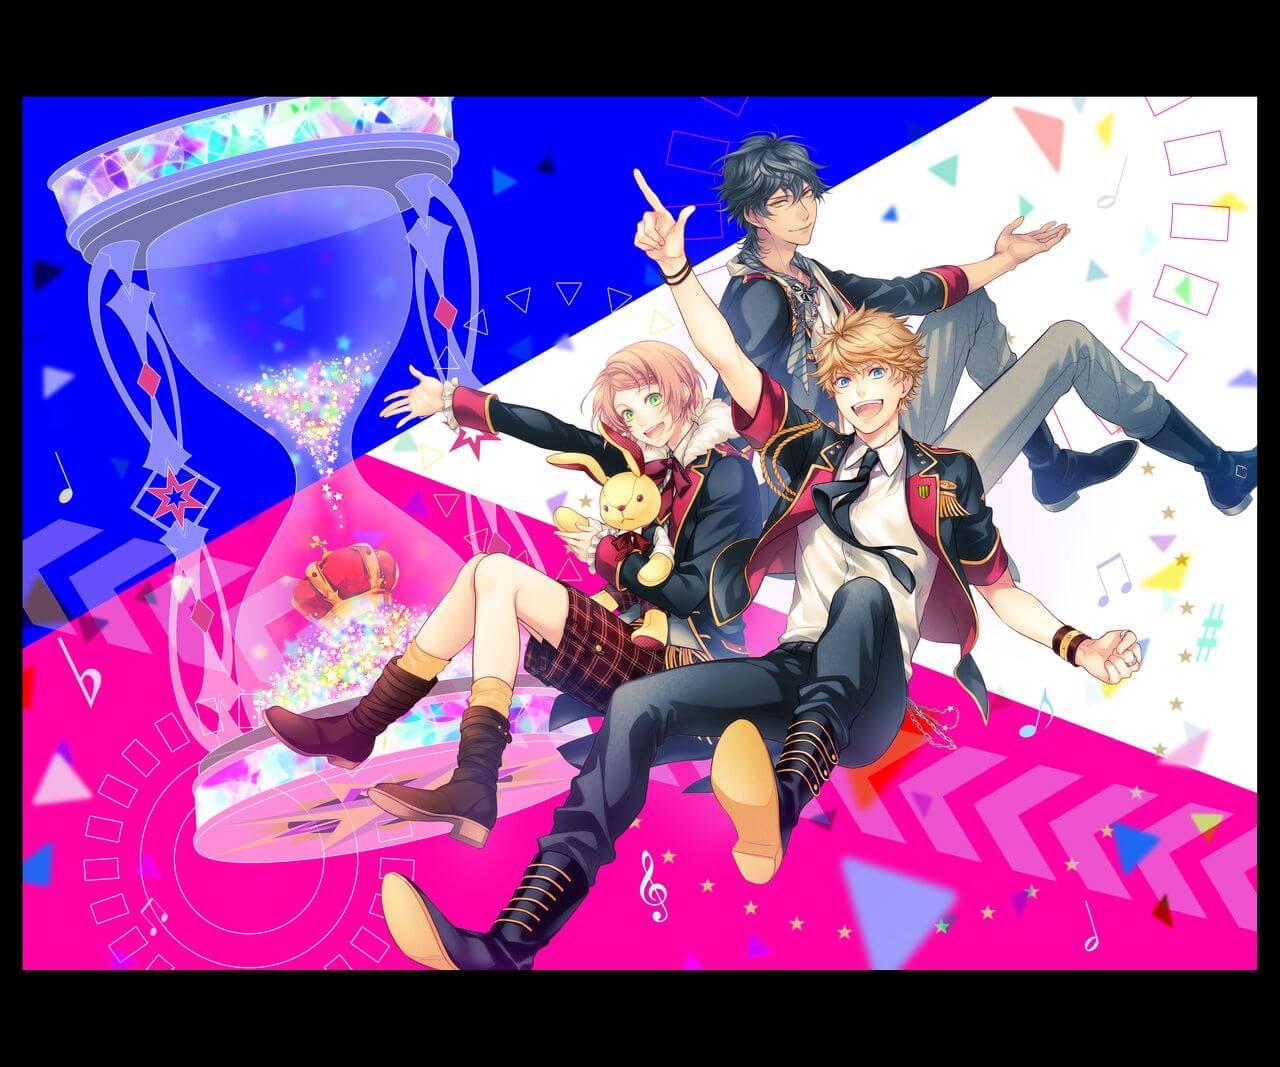 大人気アプリゲーム 「アイ★チュウ」初のベストアルバム2作連続リリース決定サムネイル画像